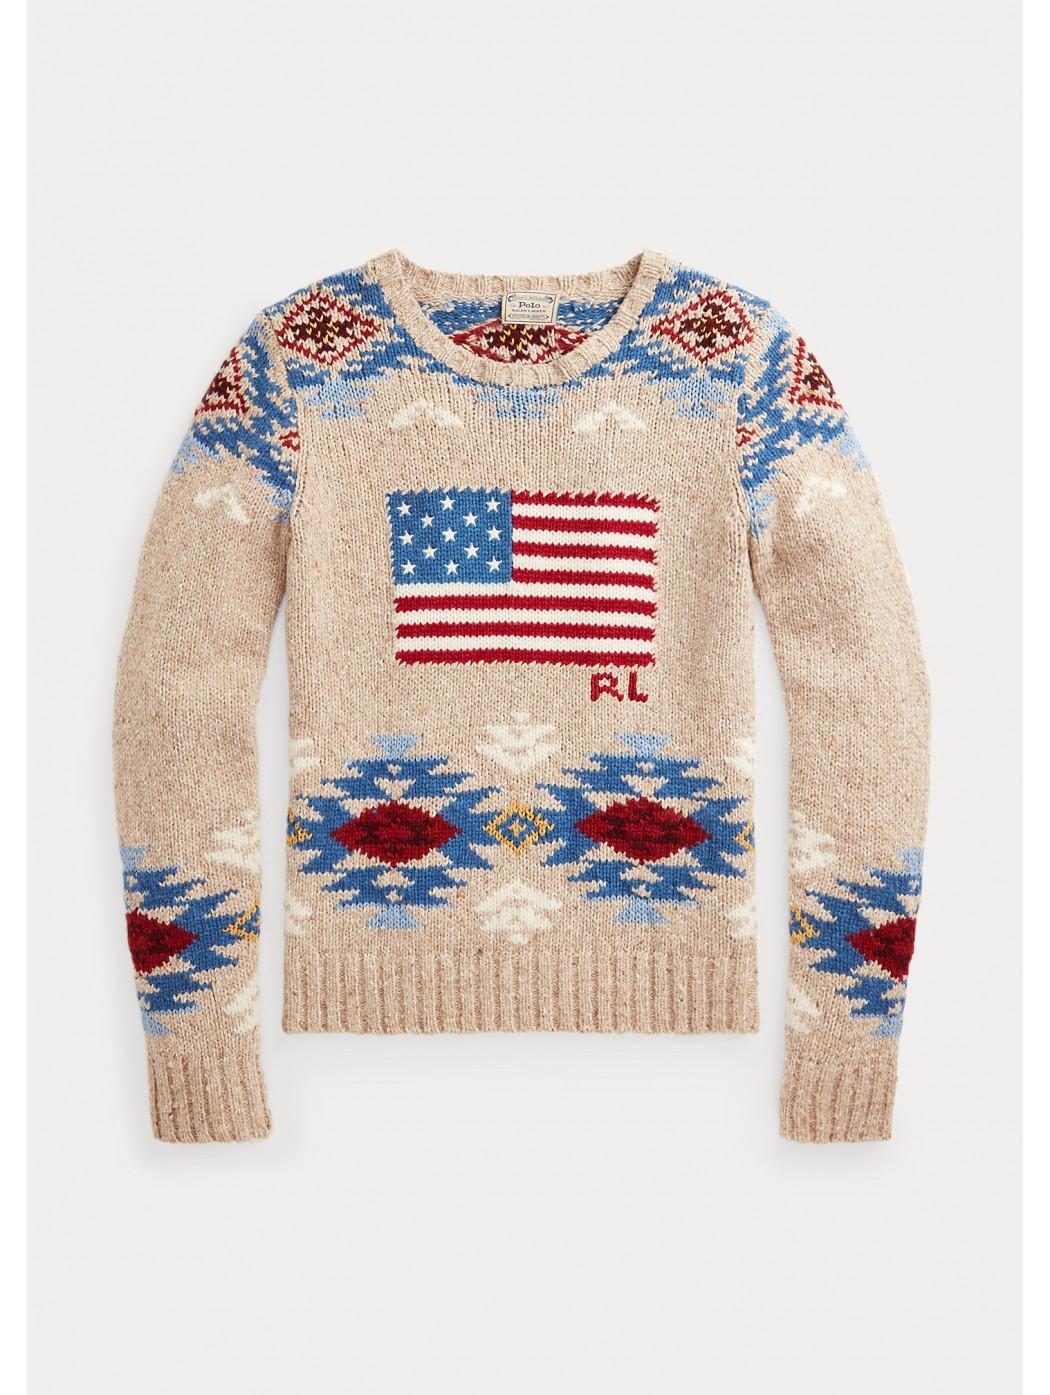 Maglia in misto lana con bandiera POLO RALPH LAUREN DONNA 211801531 001